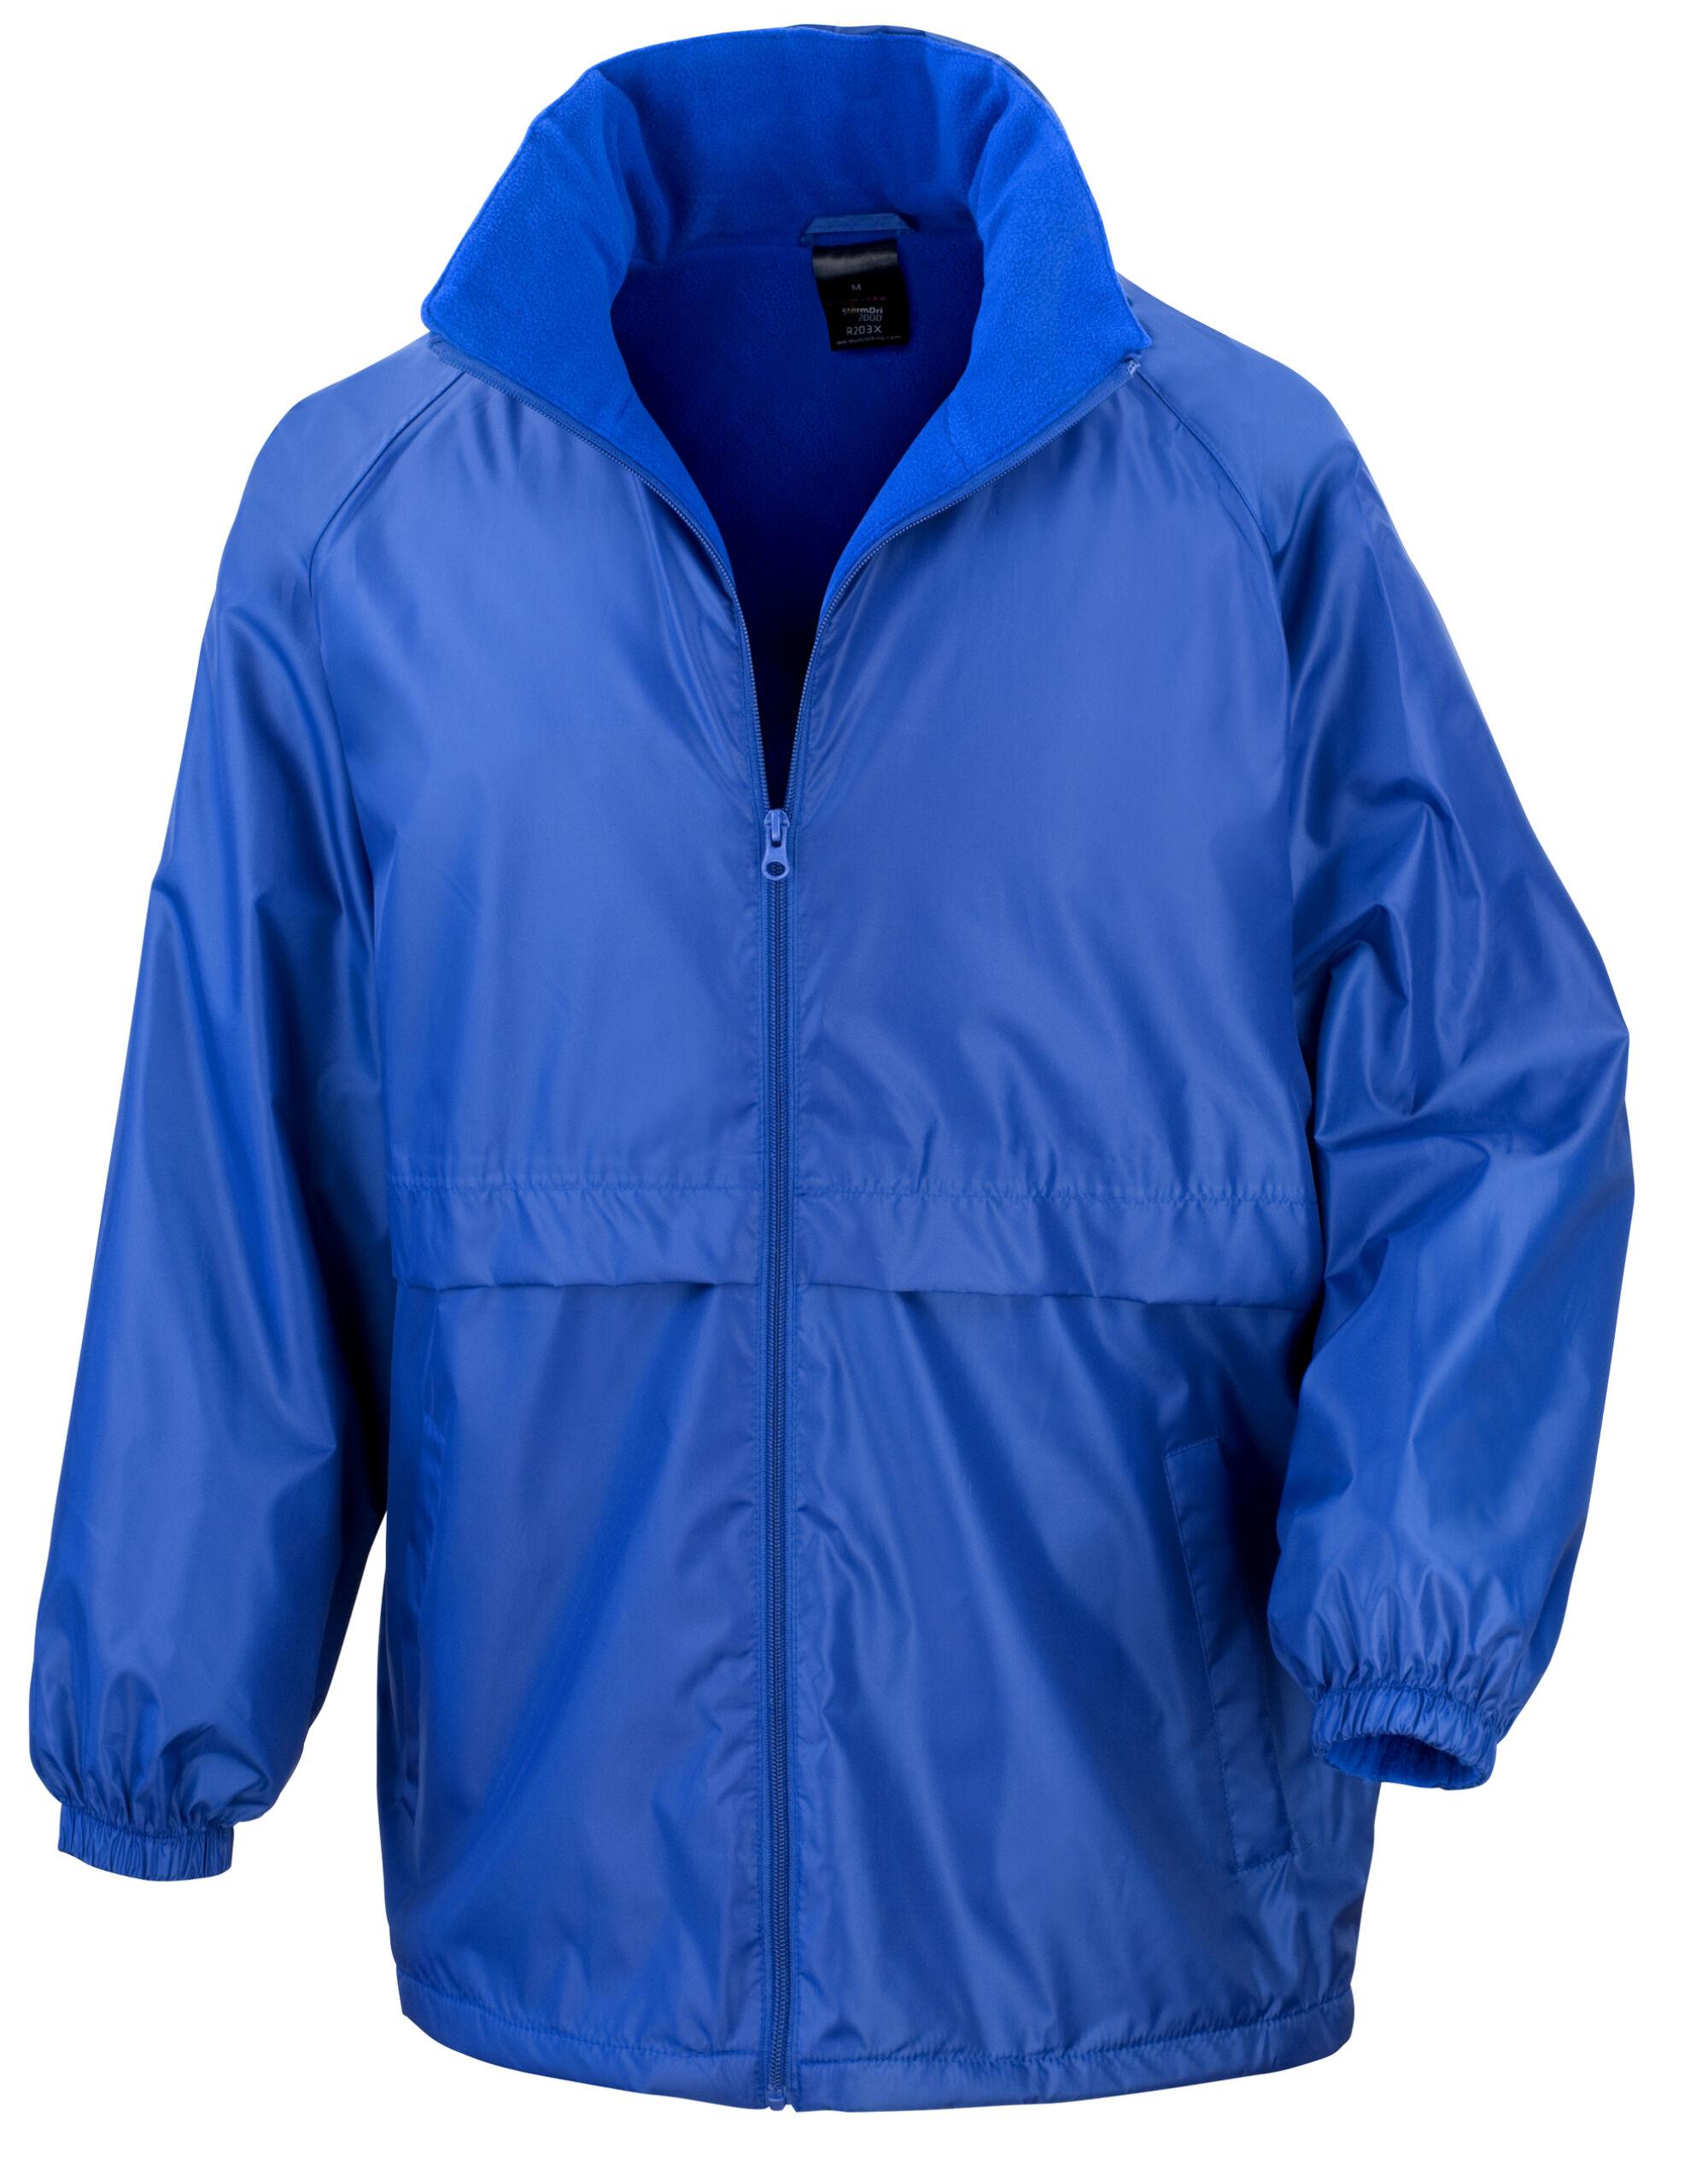 Adult Micro Fleece Jacket